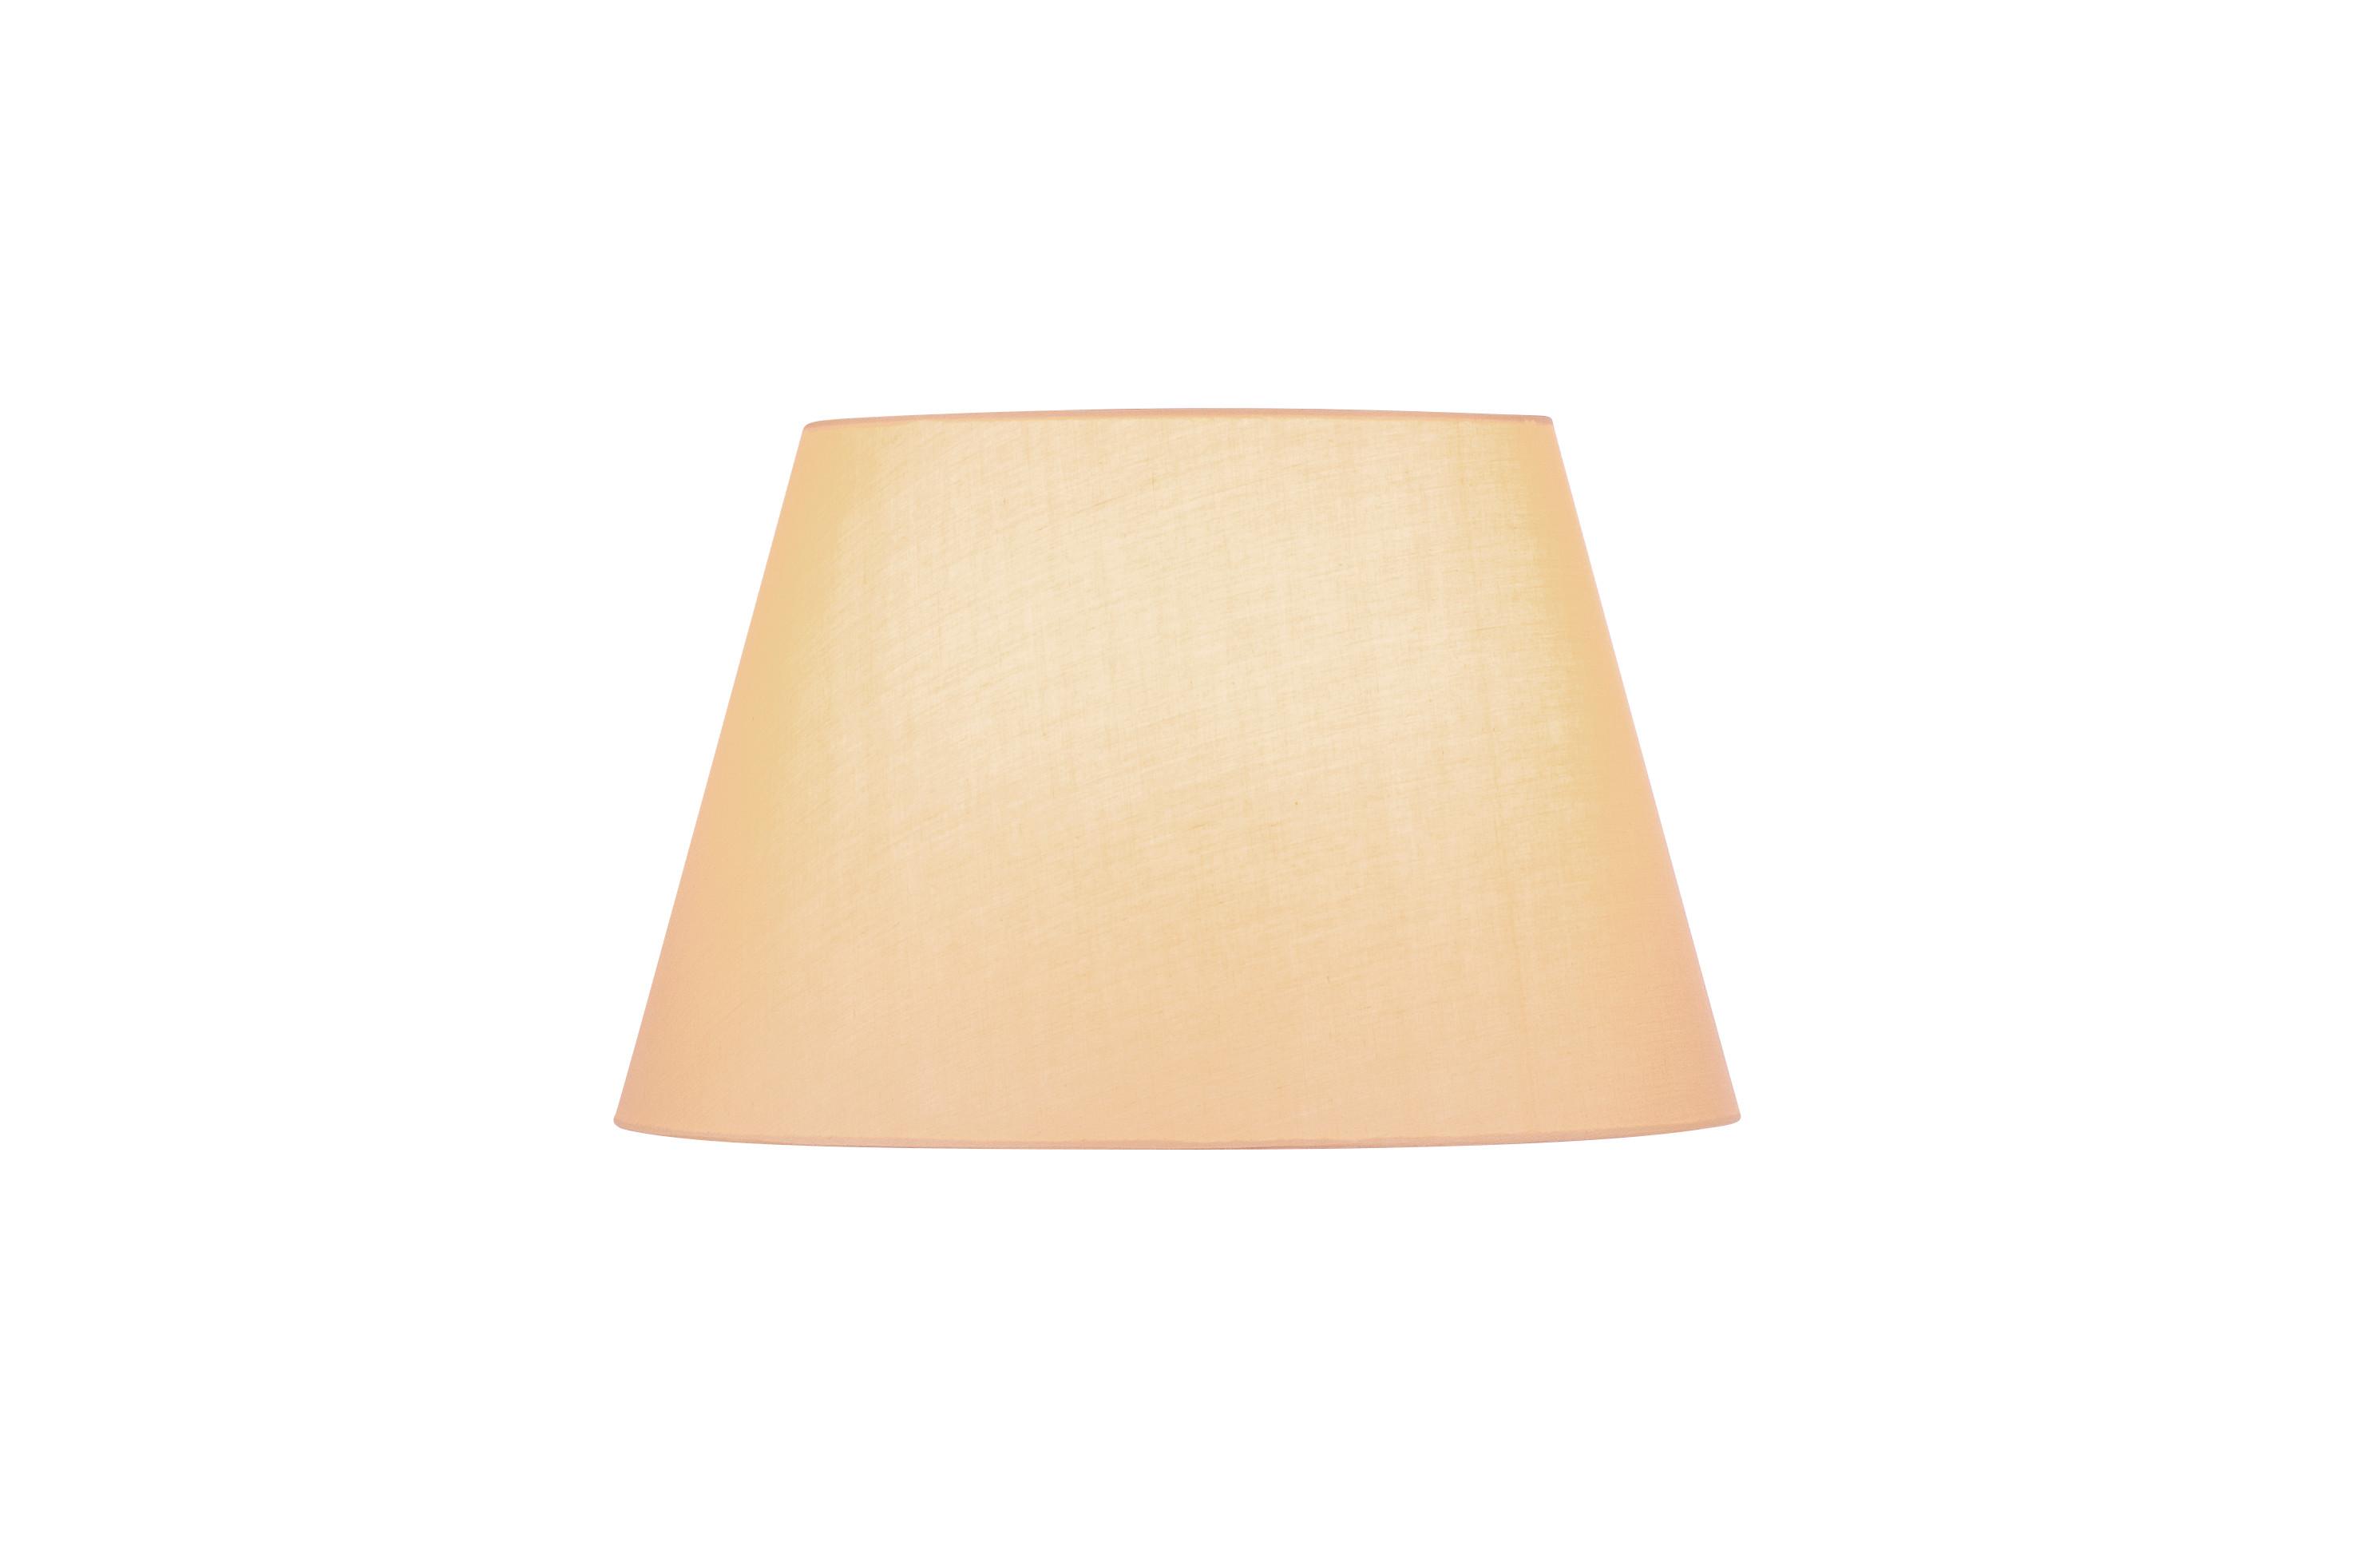 1 Stk FENDA, Leuchtenschirm, konisch, beige, Ø/H 45,5/28 cm LI156183--